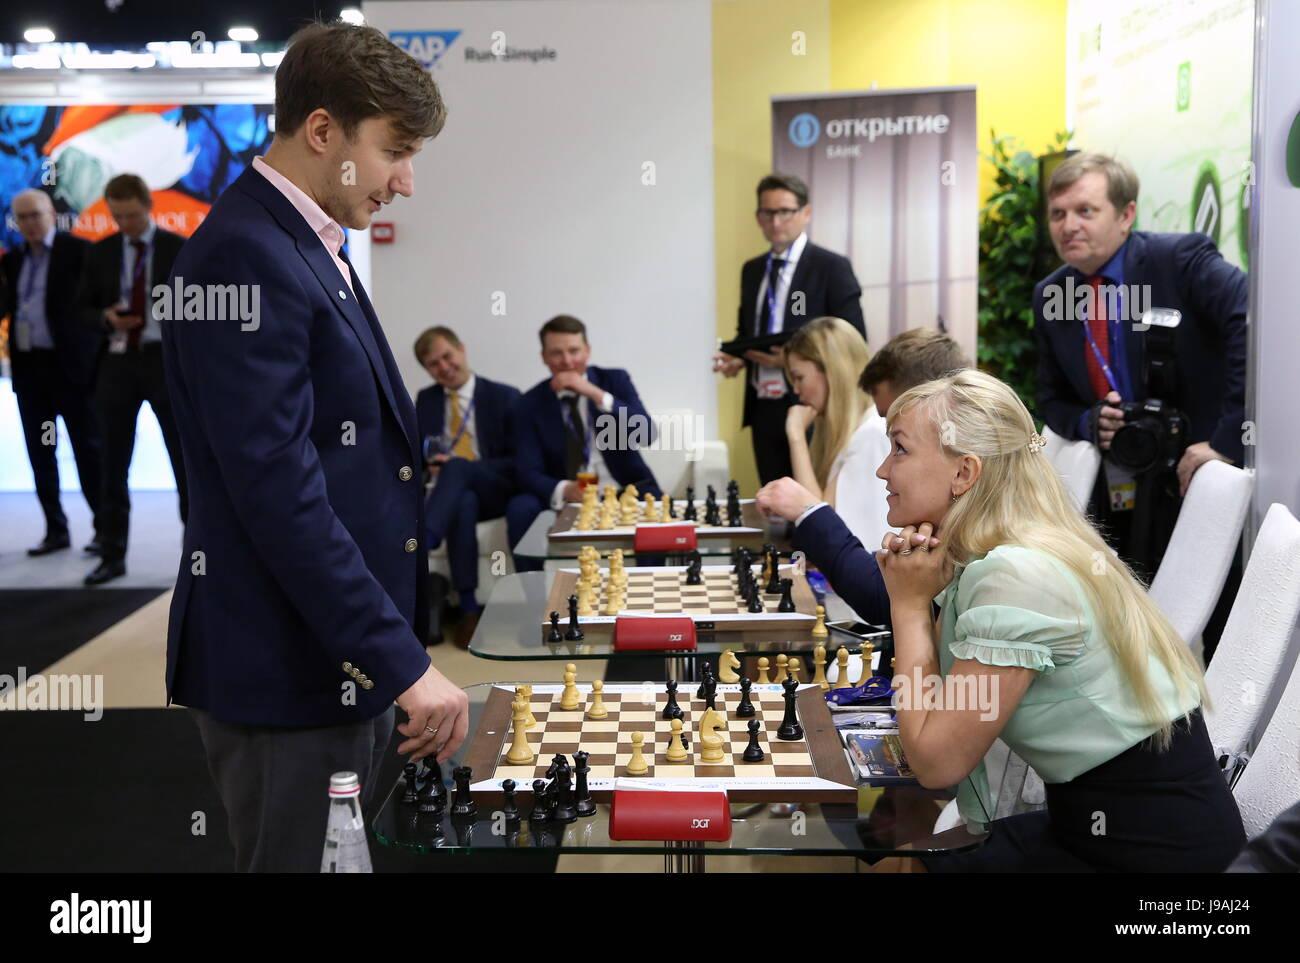 Saint-pétersbourg, Russie. 1er juin 2017. Grand maître d'échecs russe Sergey Karjakin (L) observés Photo Stock